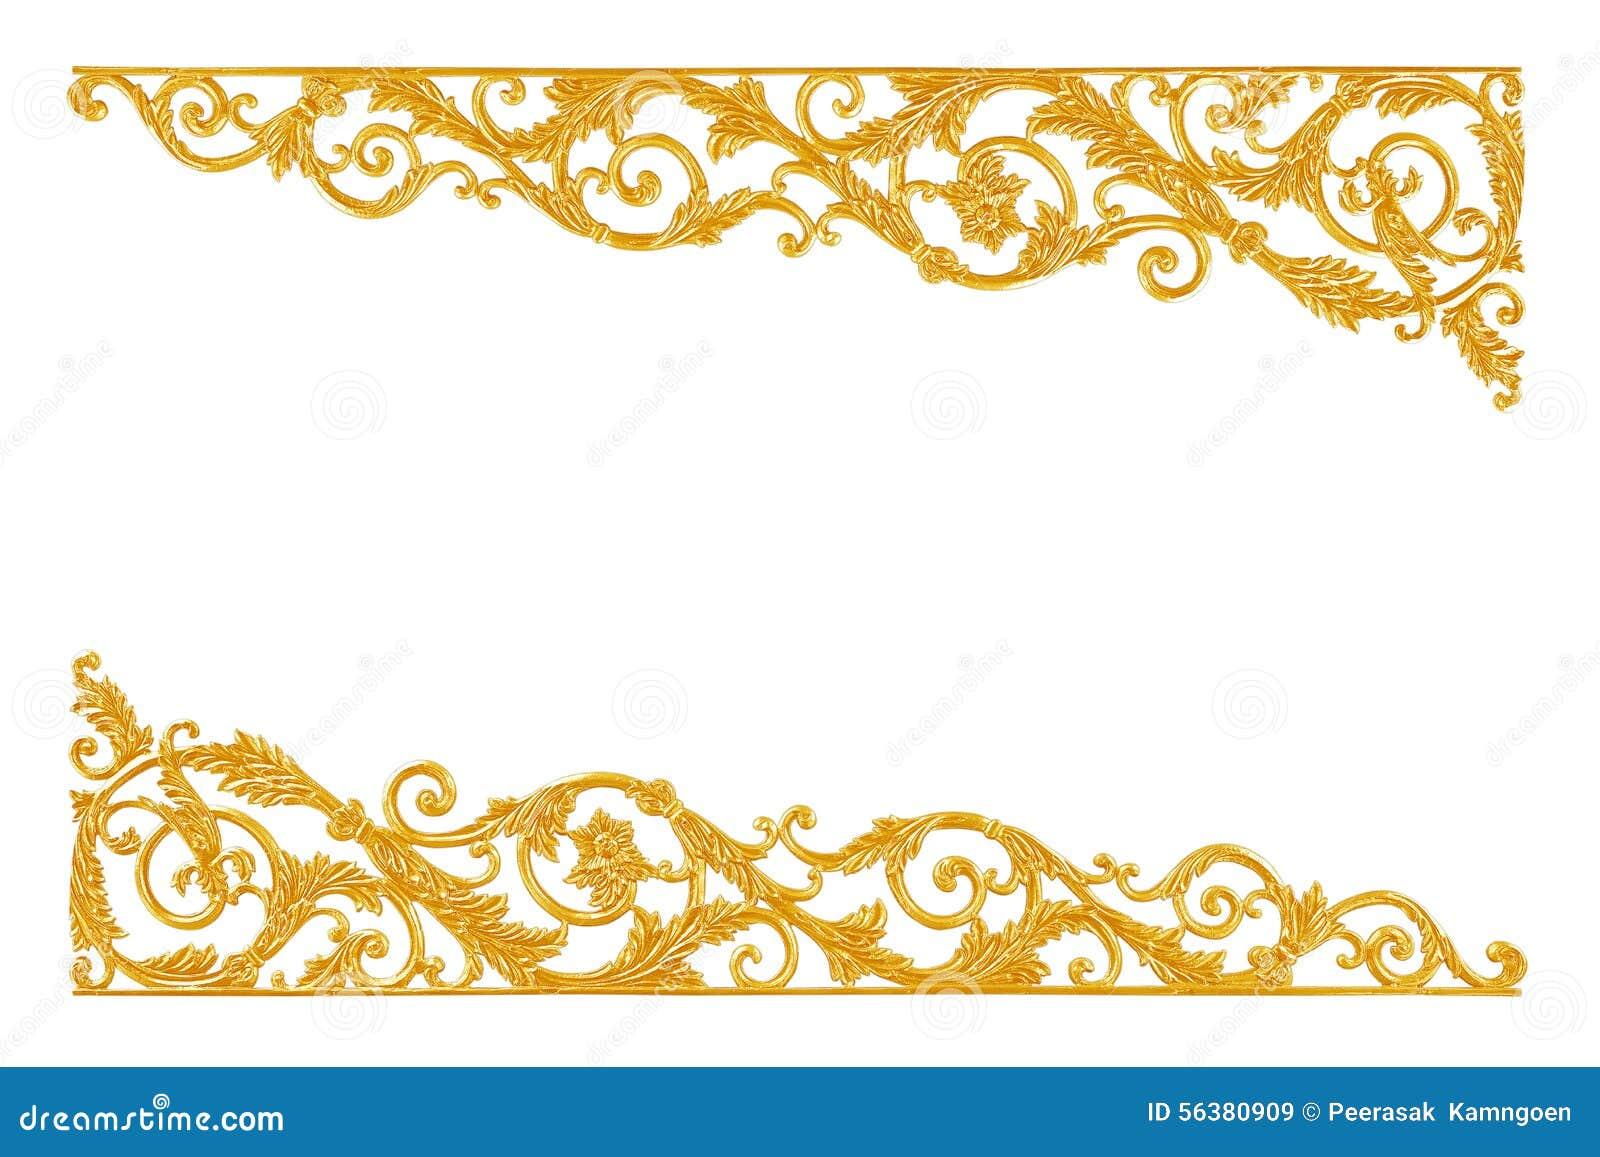 Элементы орнамента, дизайны винтажного золота флористические